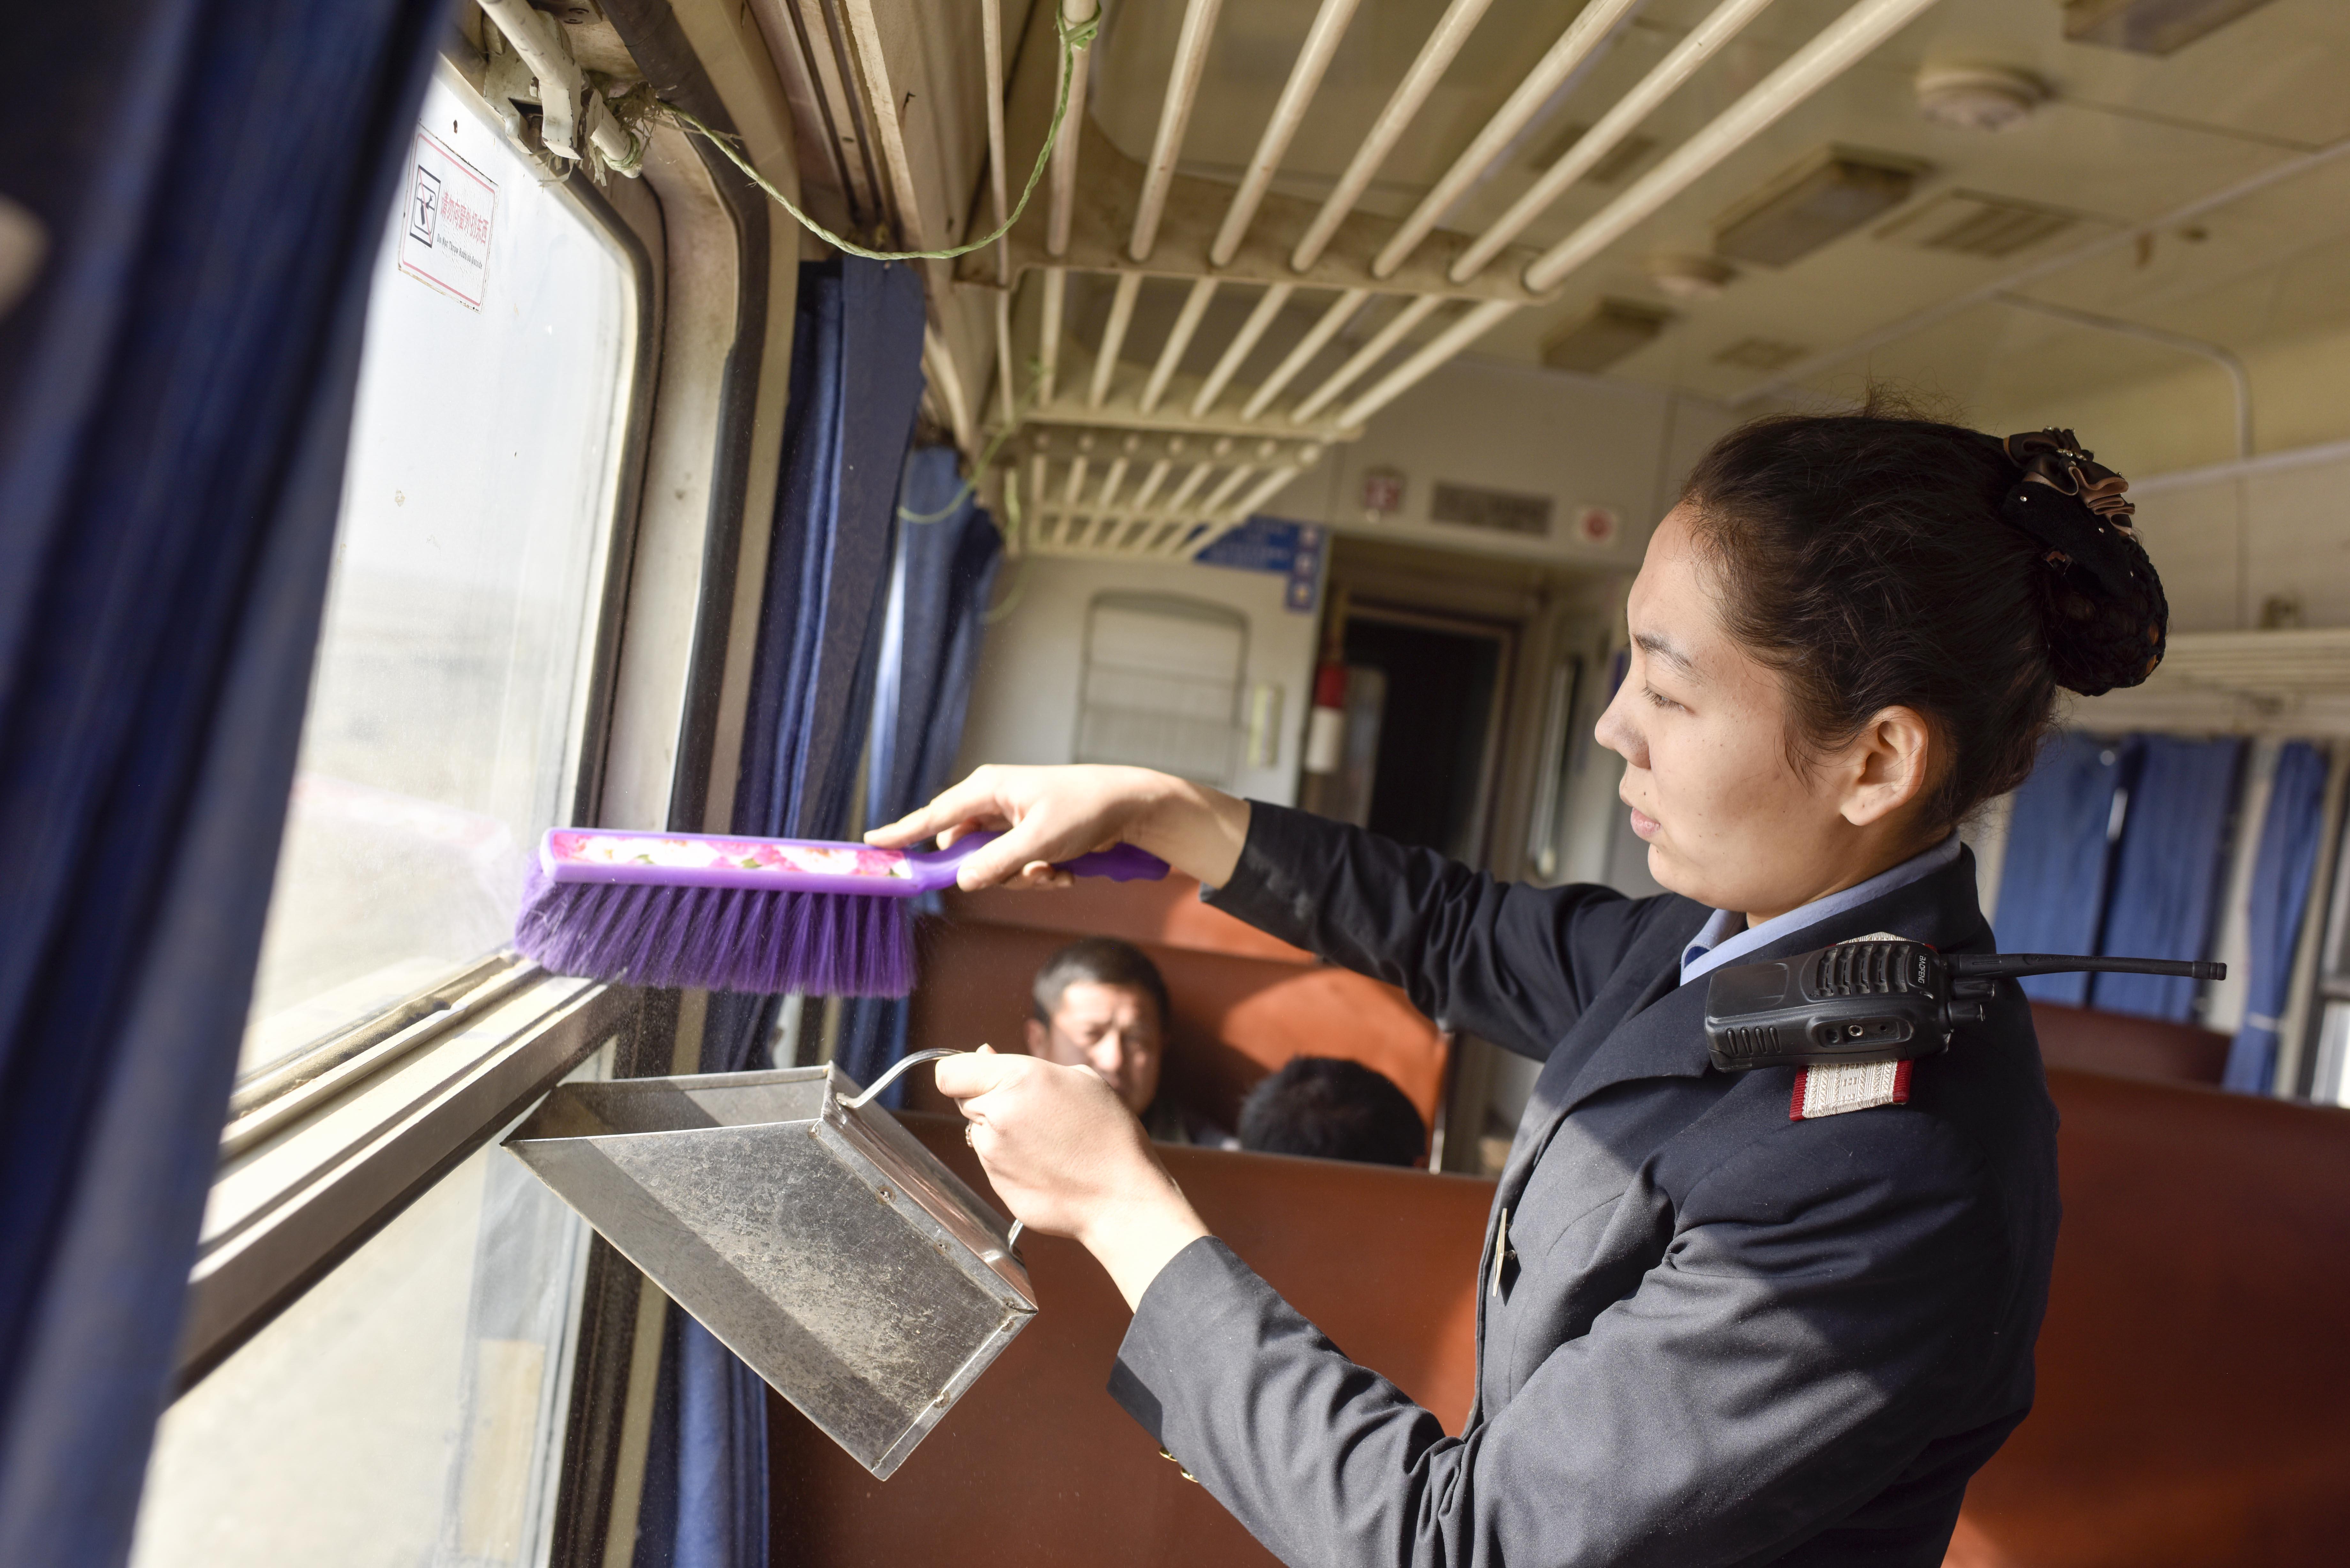 5809次列车正通过叶城县至皮山县的风沙区时,苏比努尔·塔叶尓正在打扫车厢里的傻子(11月24日摄)。